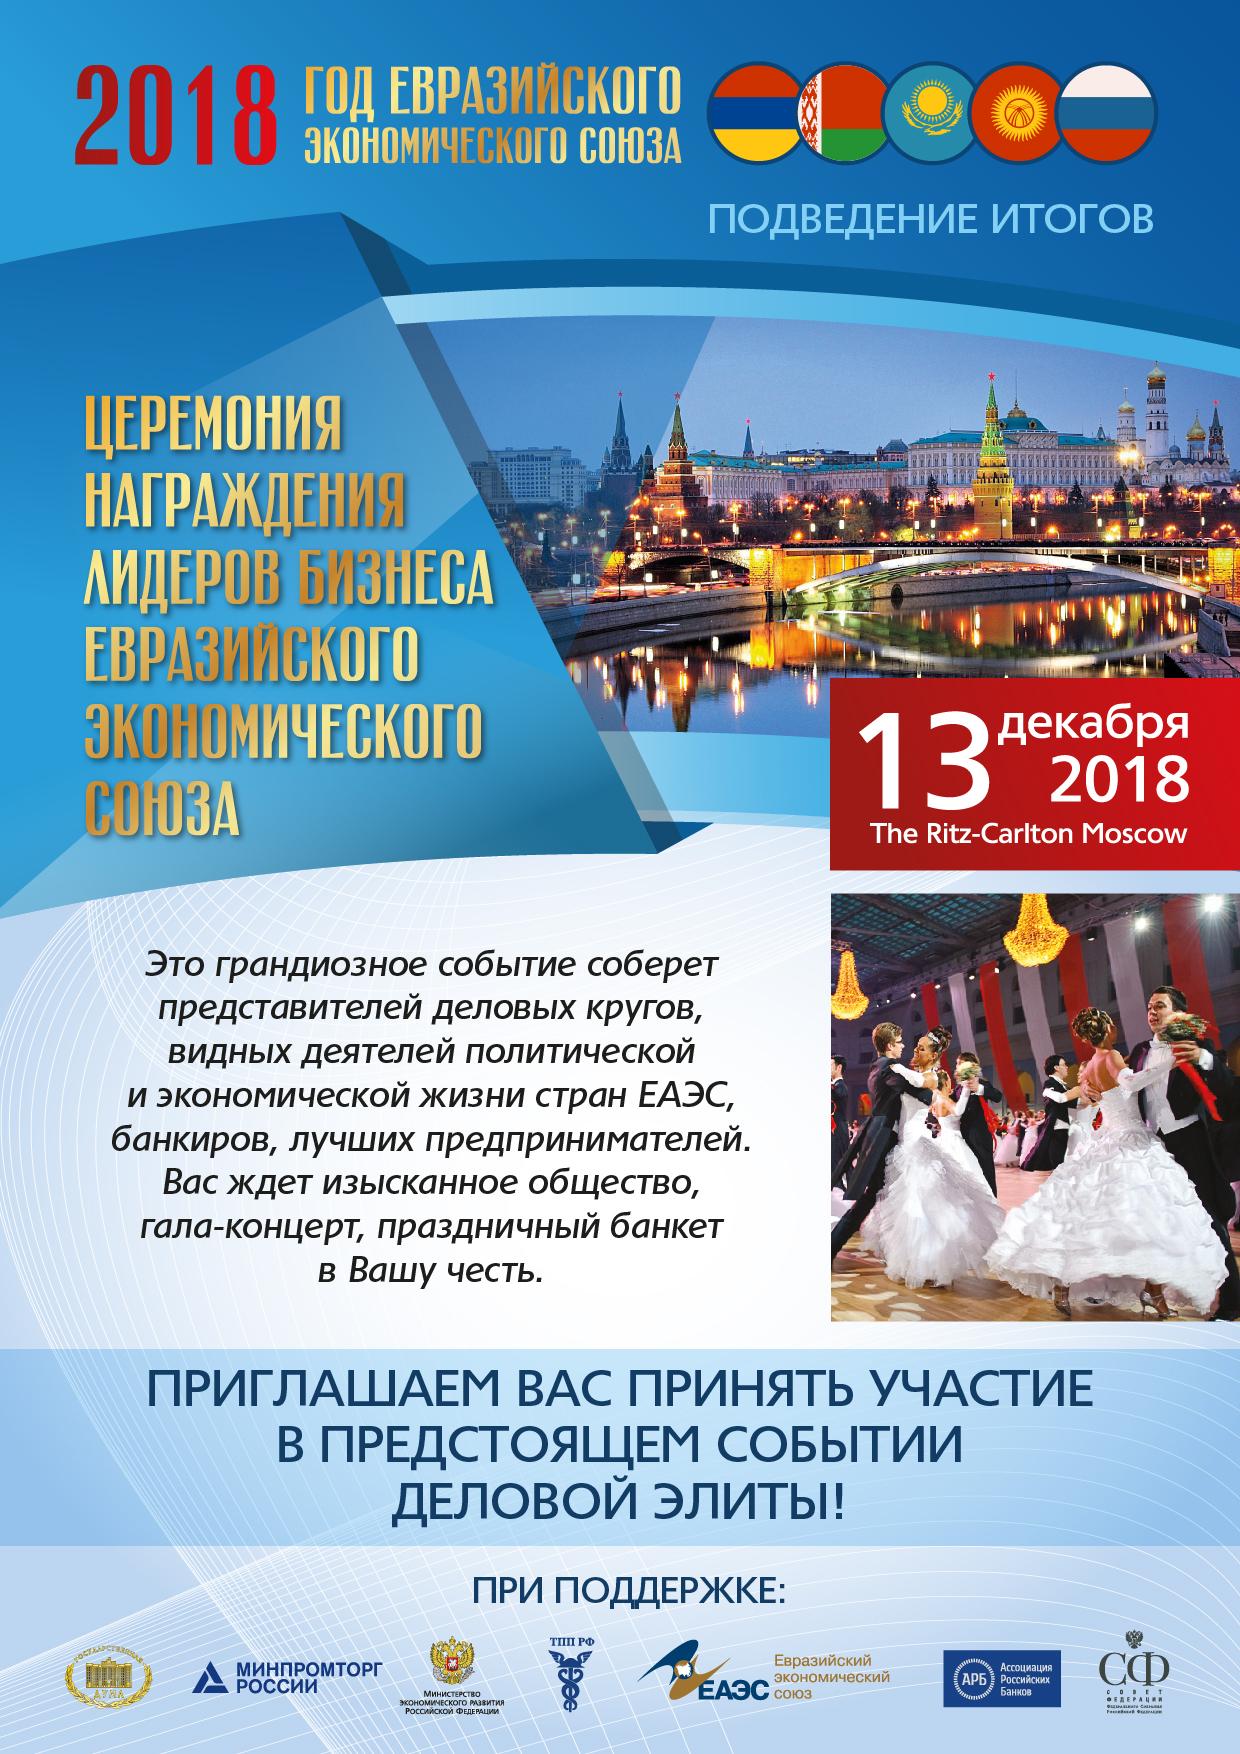 13 декабря 2018. Церемония награждения лидеров бизнеса Евразийского Экономического Союза